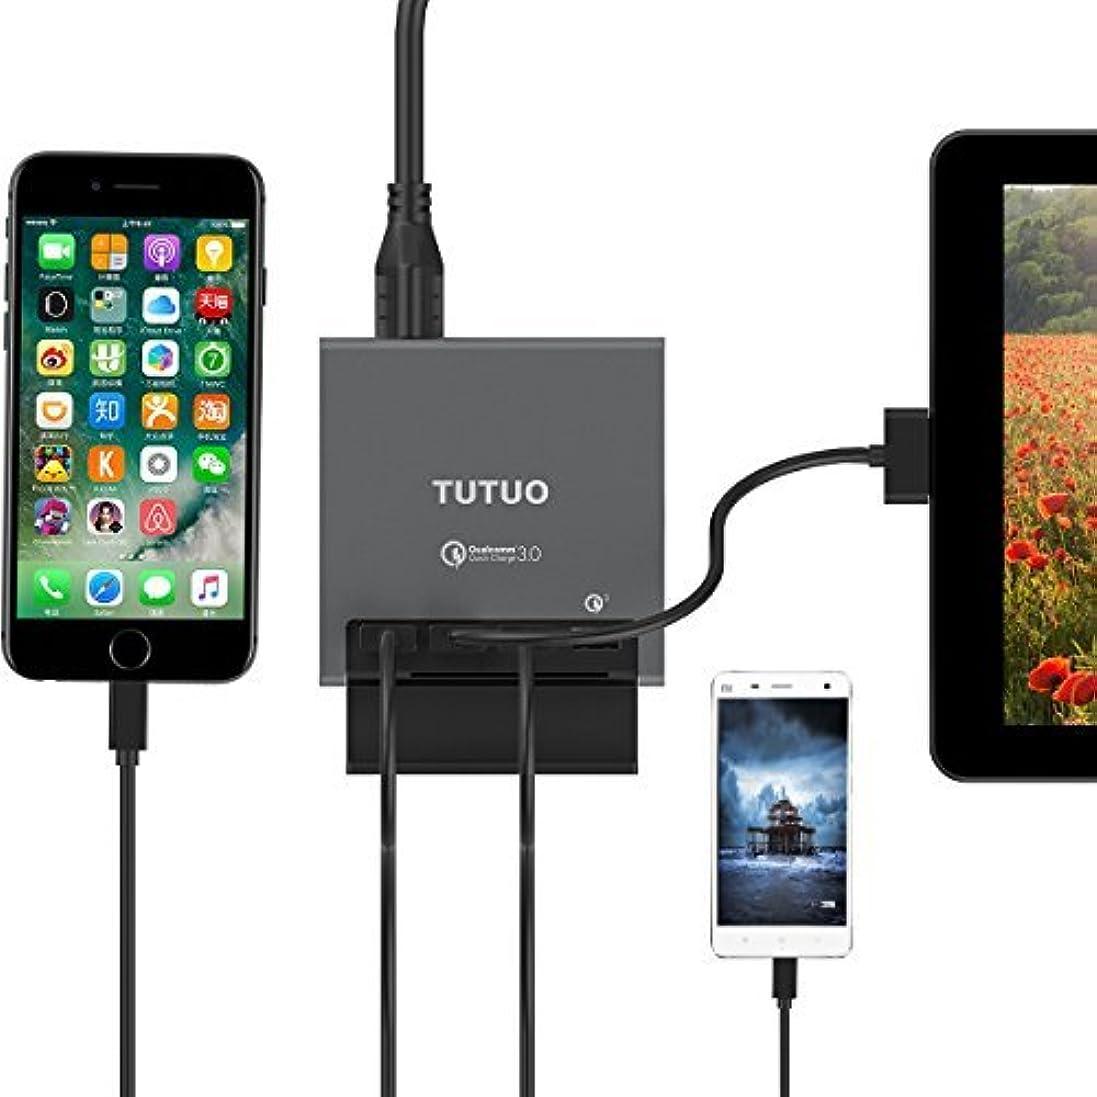 暴露するツインたらい[Quick Charge3.0 対応] TUTUO 40W USB3.0充電器 チャージャー アルミニウム合金 旅行 ACアダプター スマホ充電器 4ポート同時利用 iPhone/iPad/ Android (グレー)